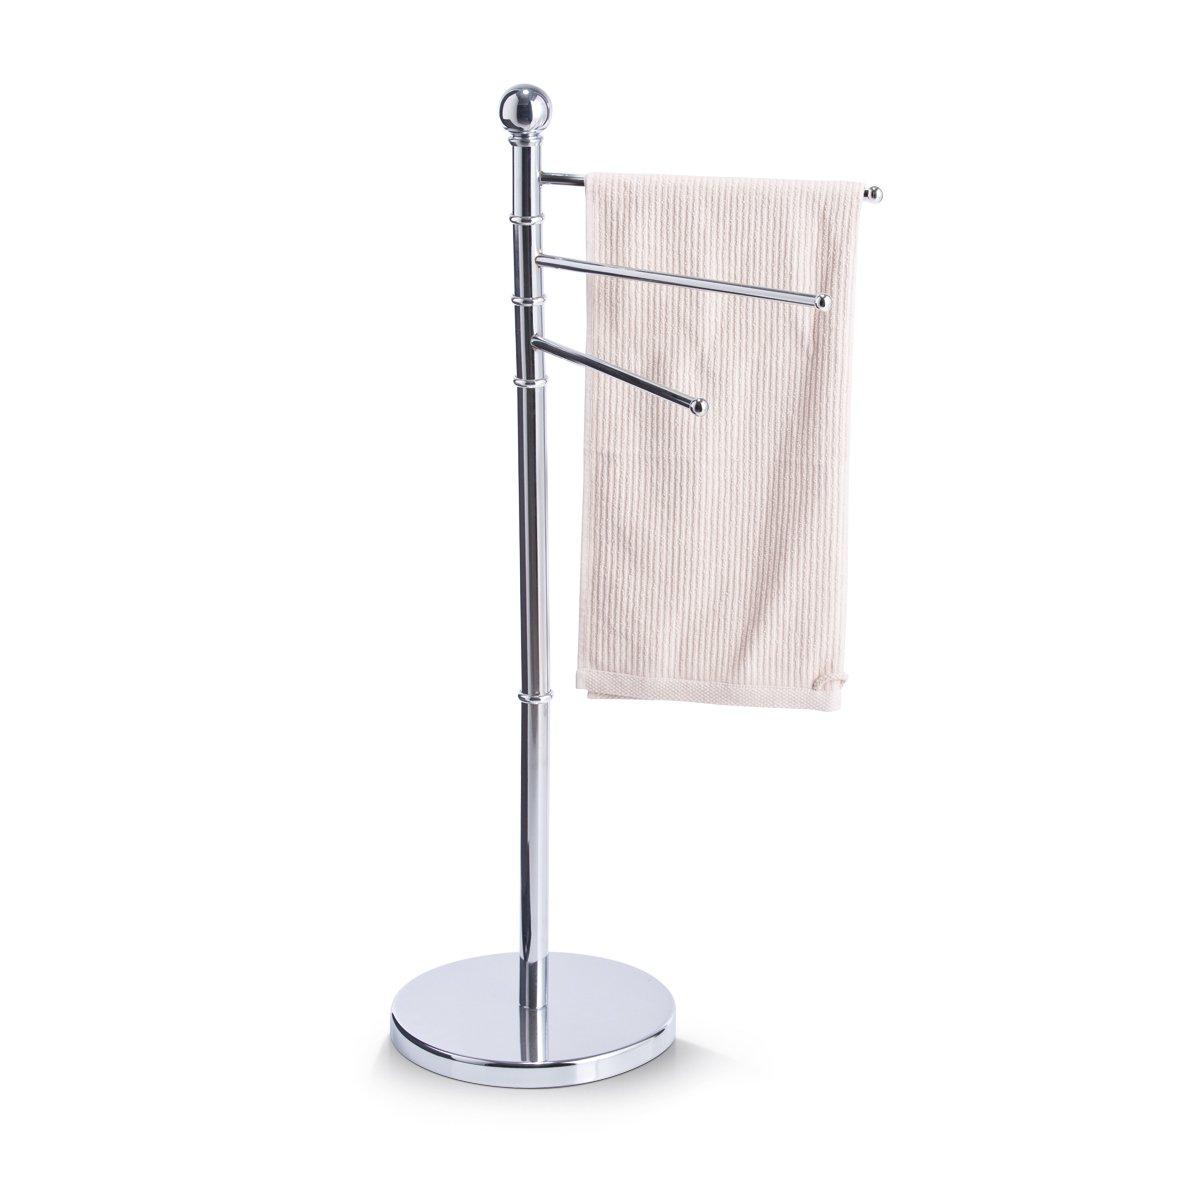 /ø 27 x 34,5 x 92 cm Zeller 18415 Porta asciugamani in metallo cromato